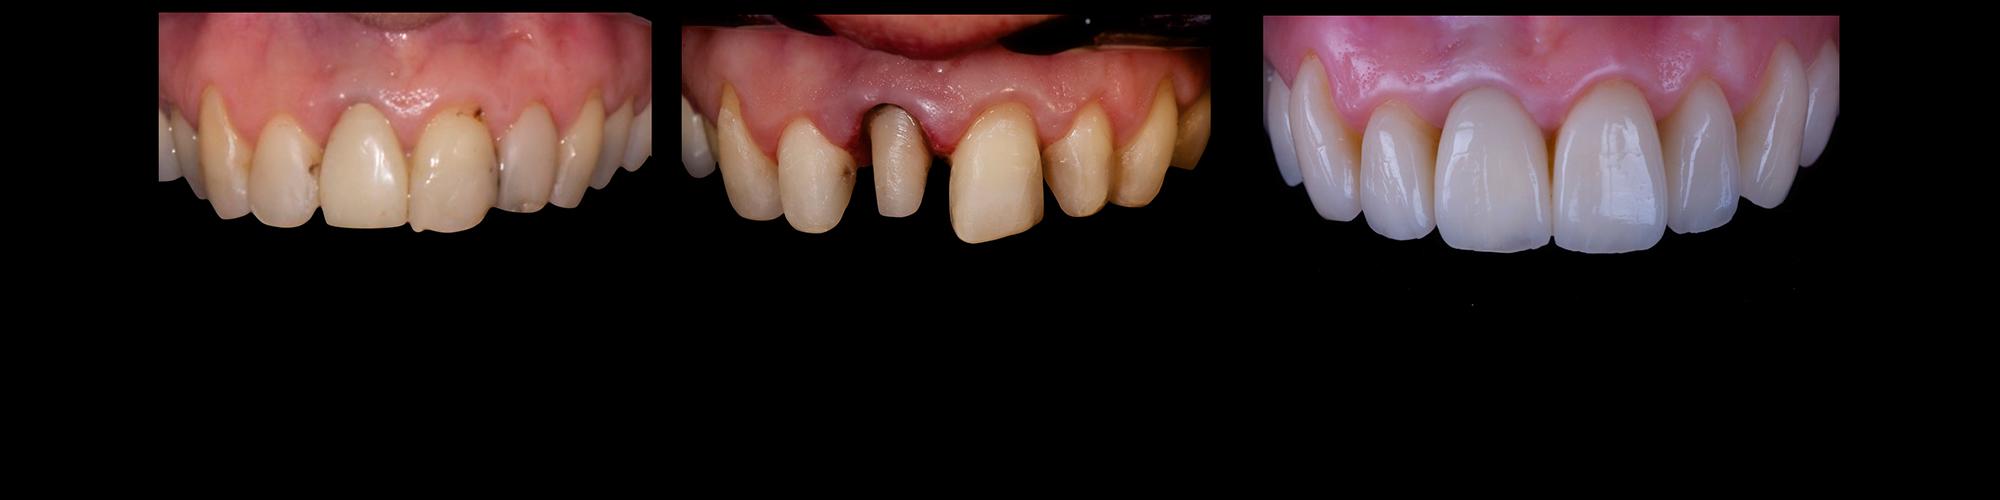 faccette denti